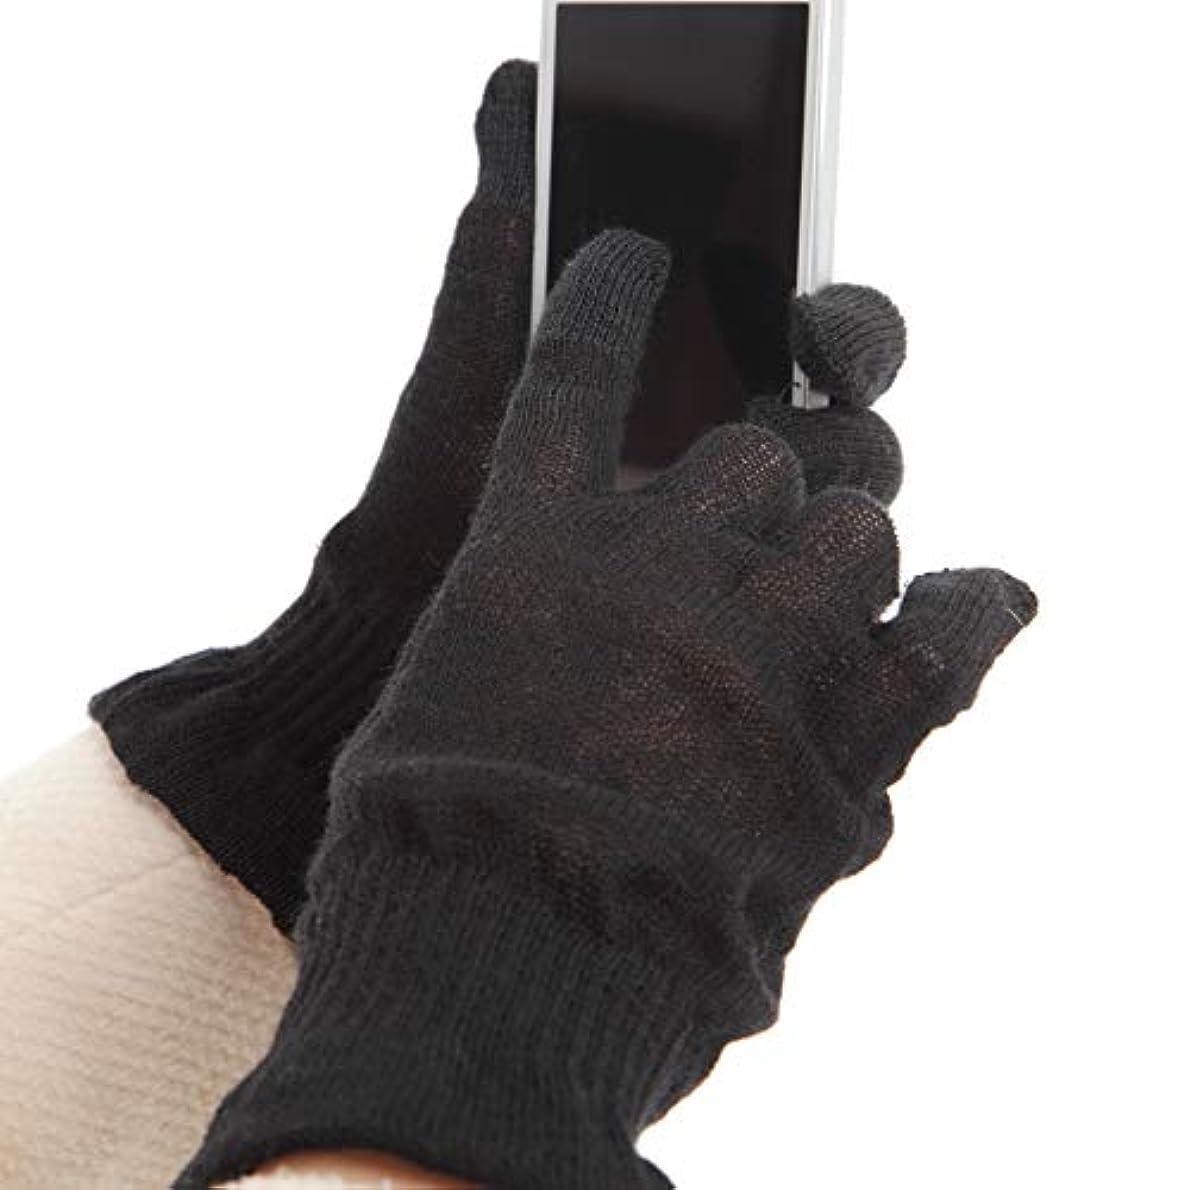 受け継ぐドナウ川継続中麻福 ヘンプ おやすみ 手袋 スマホ対応 男性用 L 黒 (ブラック) 天然 ヘンプ素材 (麻) タッチパネル スマートフォン対応 肌に優しい 乾燥対策